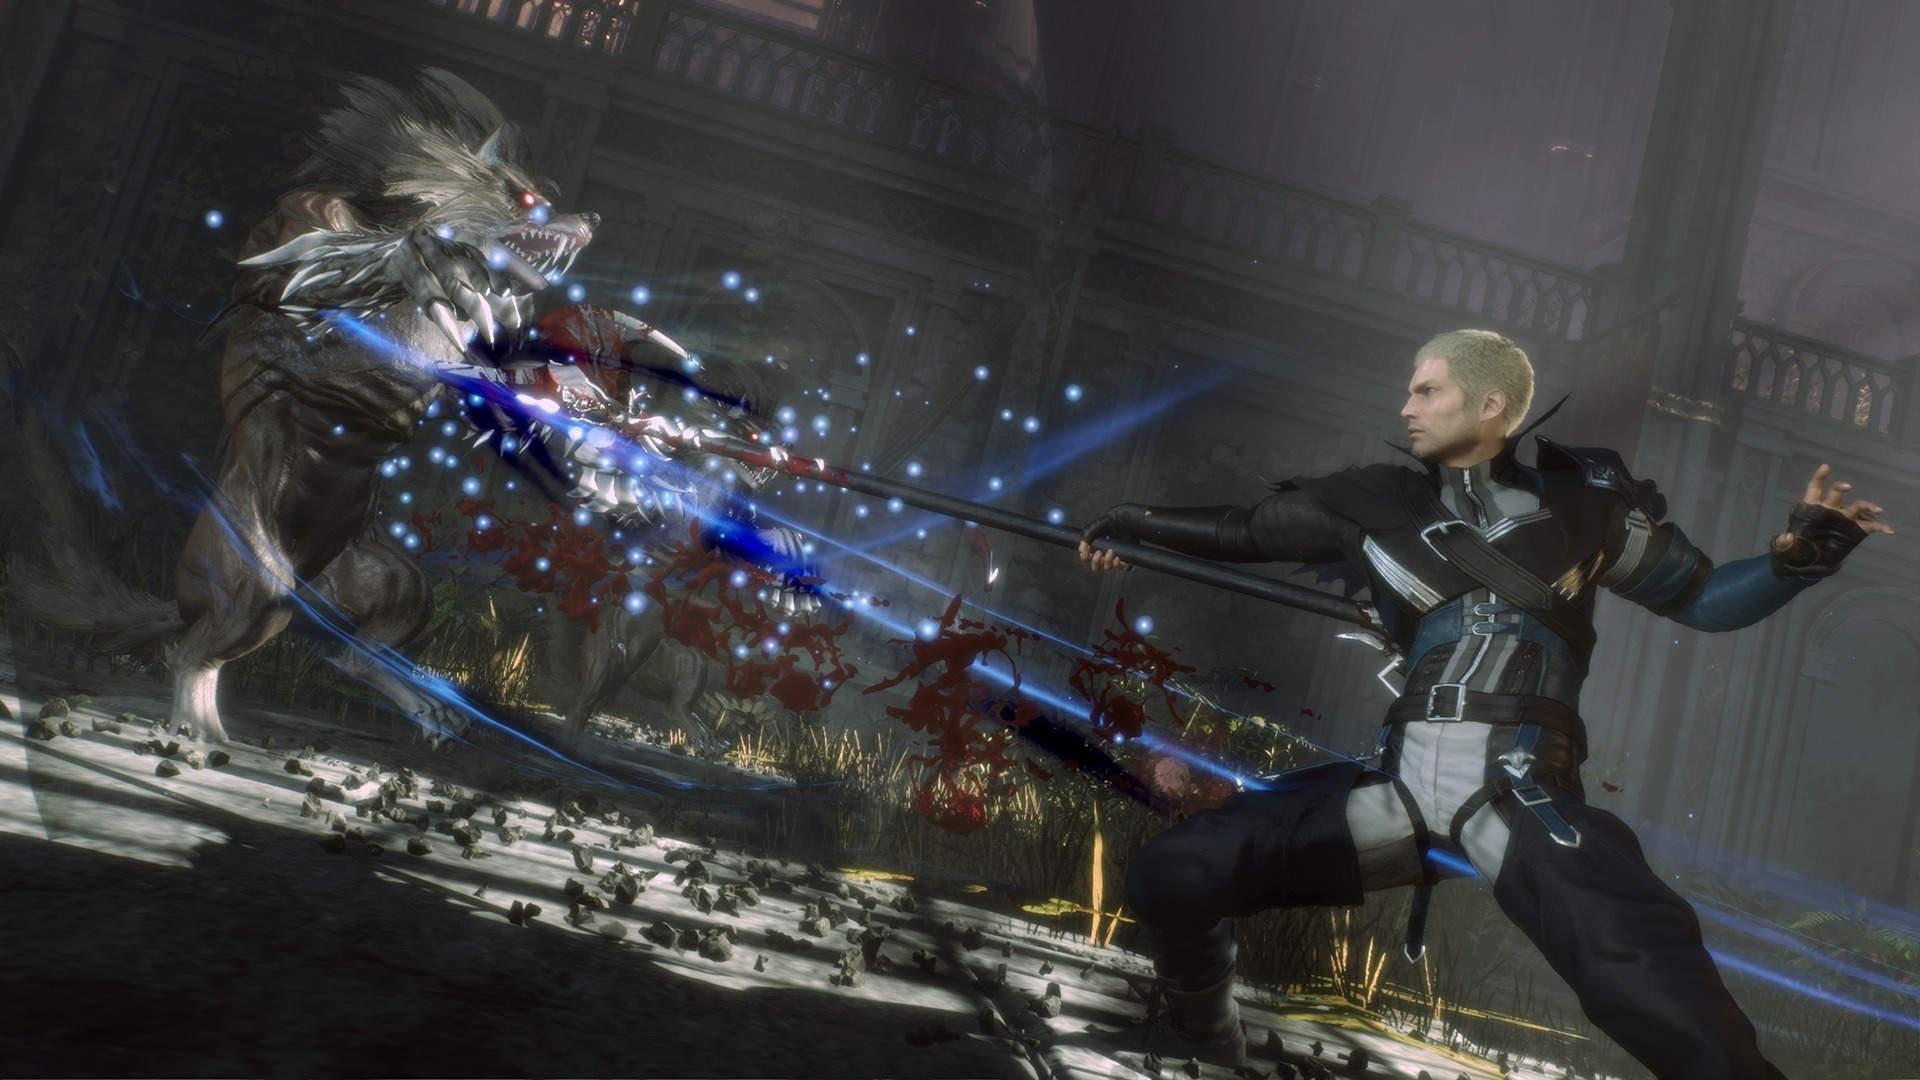 《最终幻想:起源》剧情具有影响力 会打动玩家